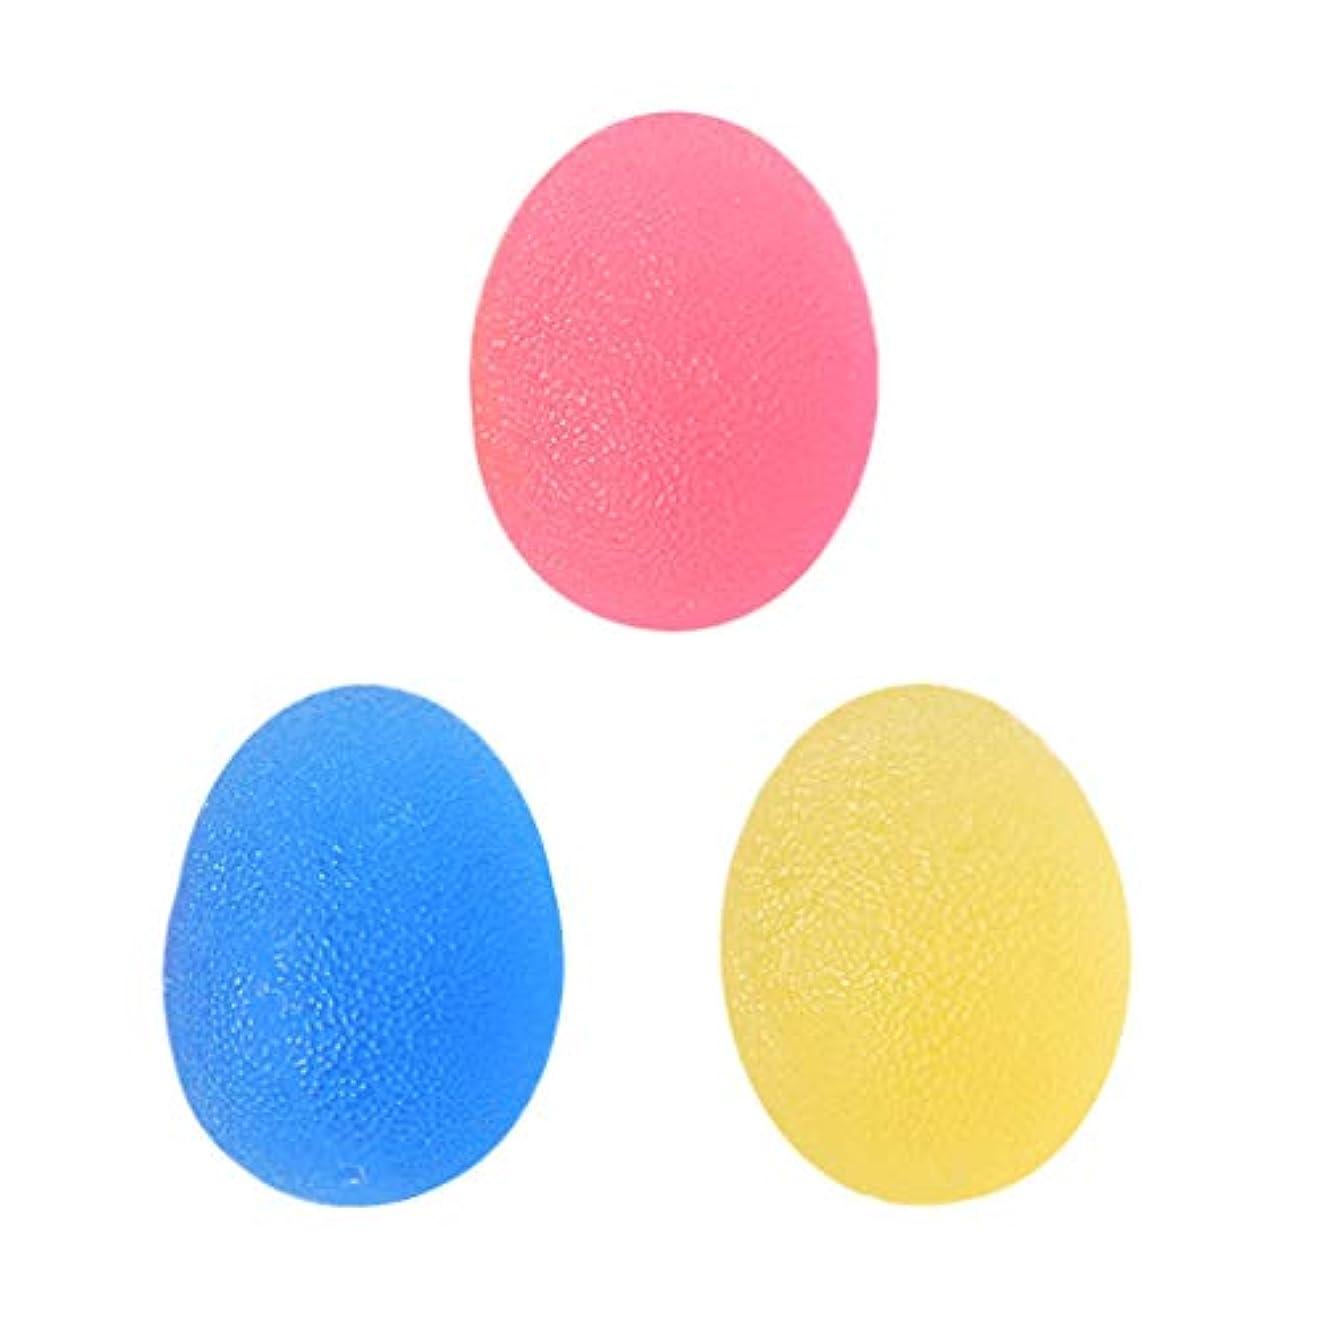 ポテト成果五十3個 ハンドエクササイザ スクイズボール ツボ押し 強度ボール TPE製